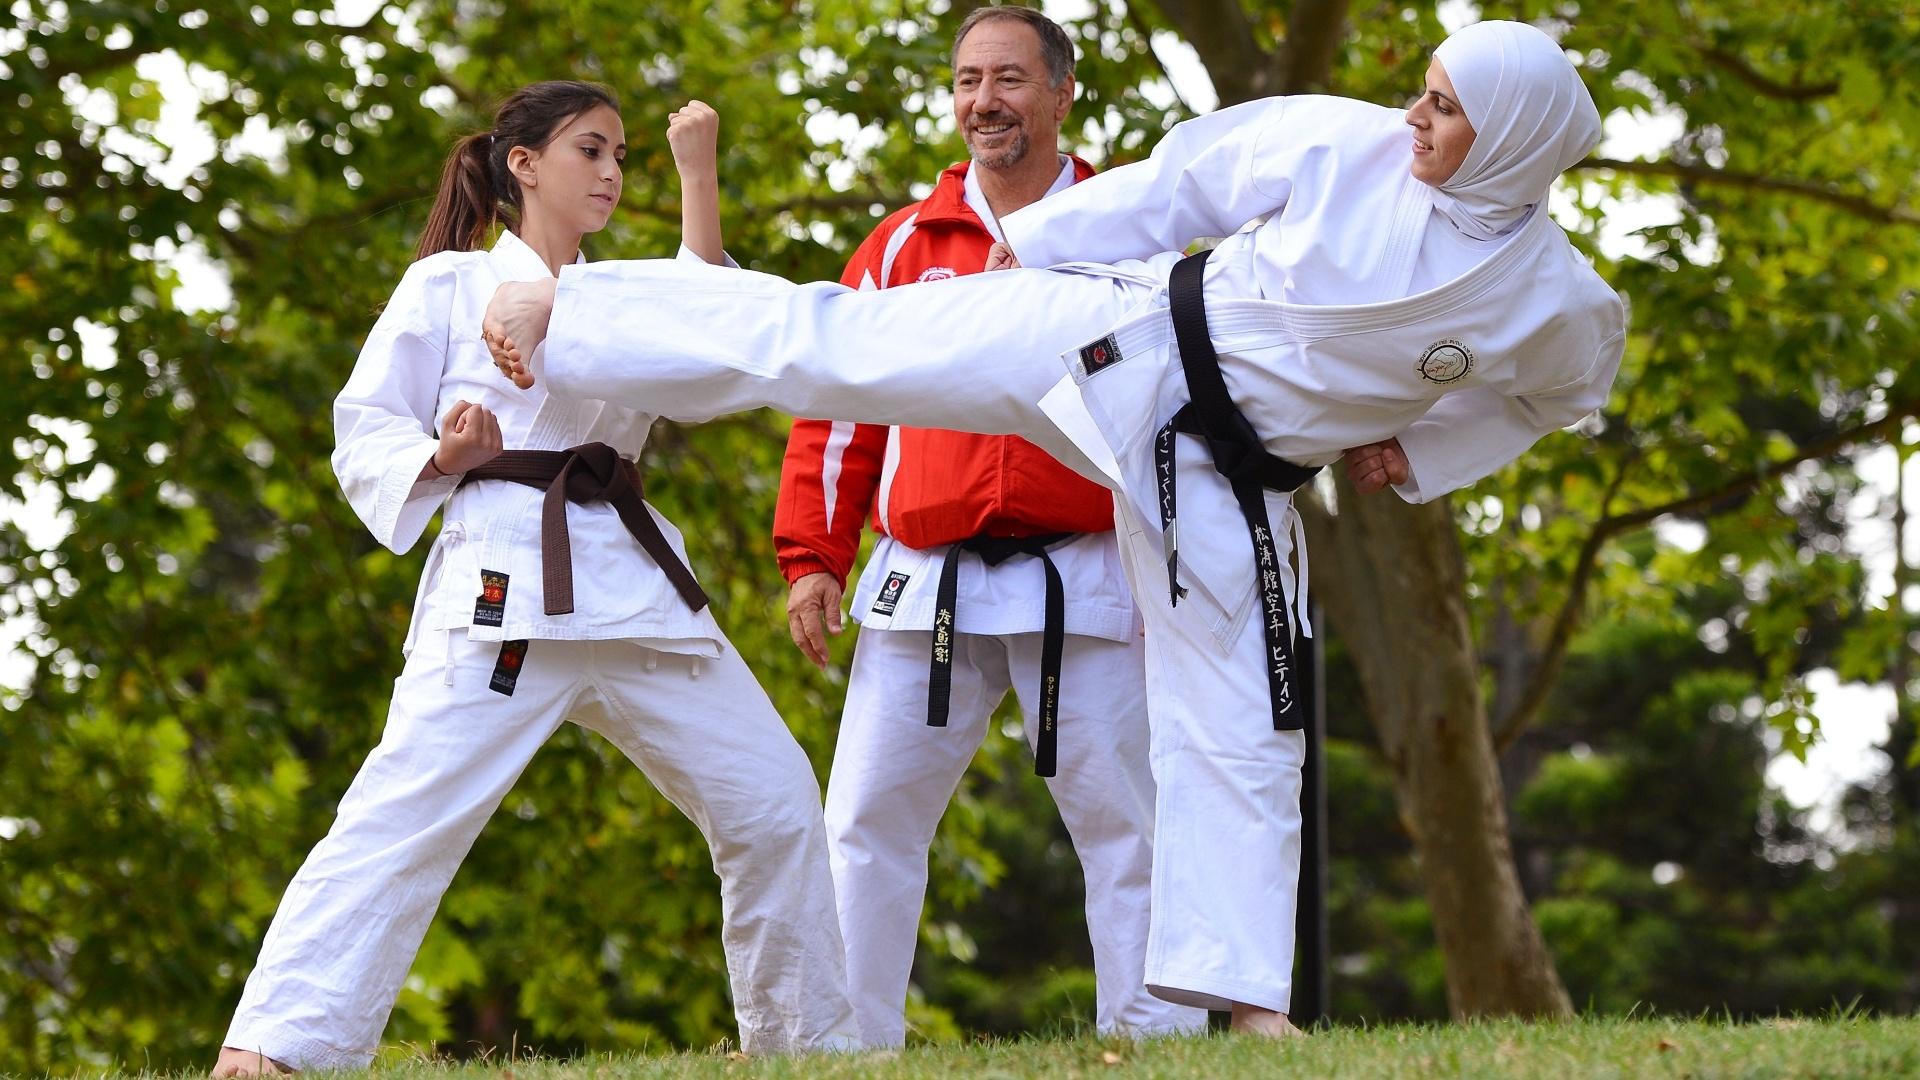 Karateca pratica o esporte usando véu, ou hijab, desenhado especialmente para o esporte